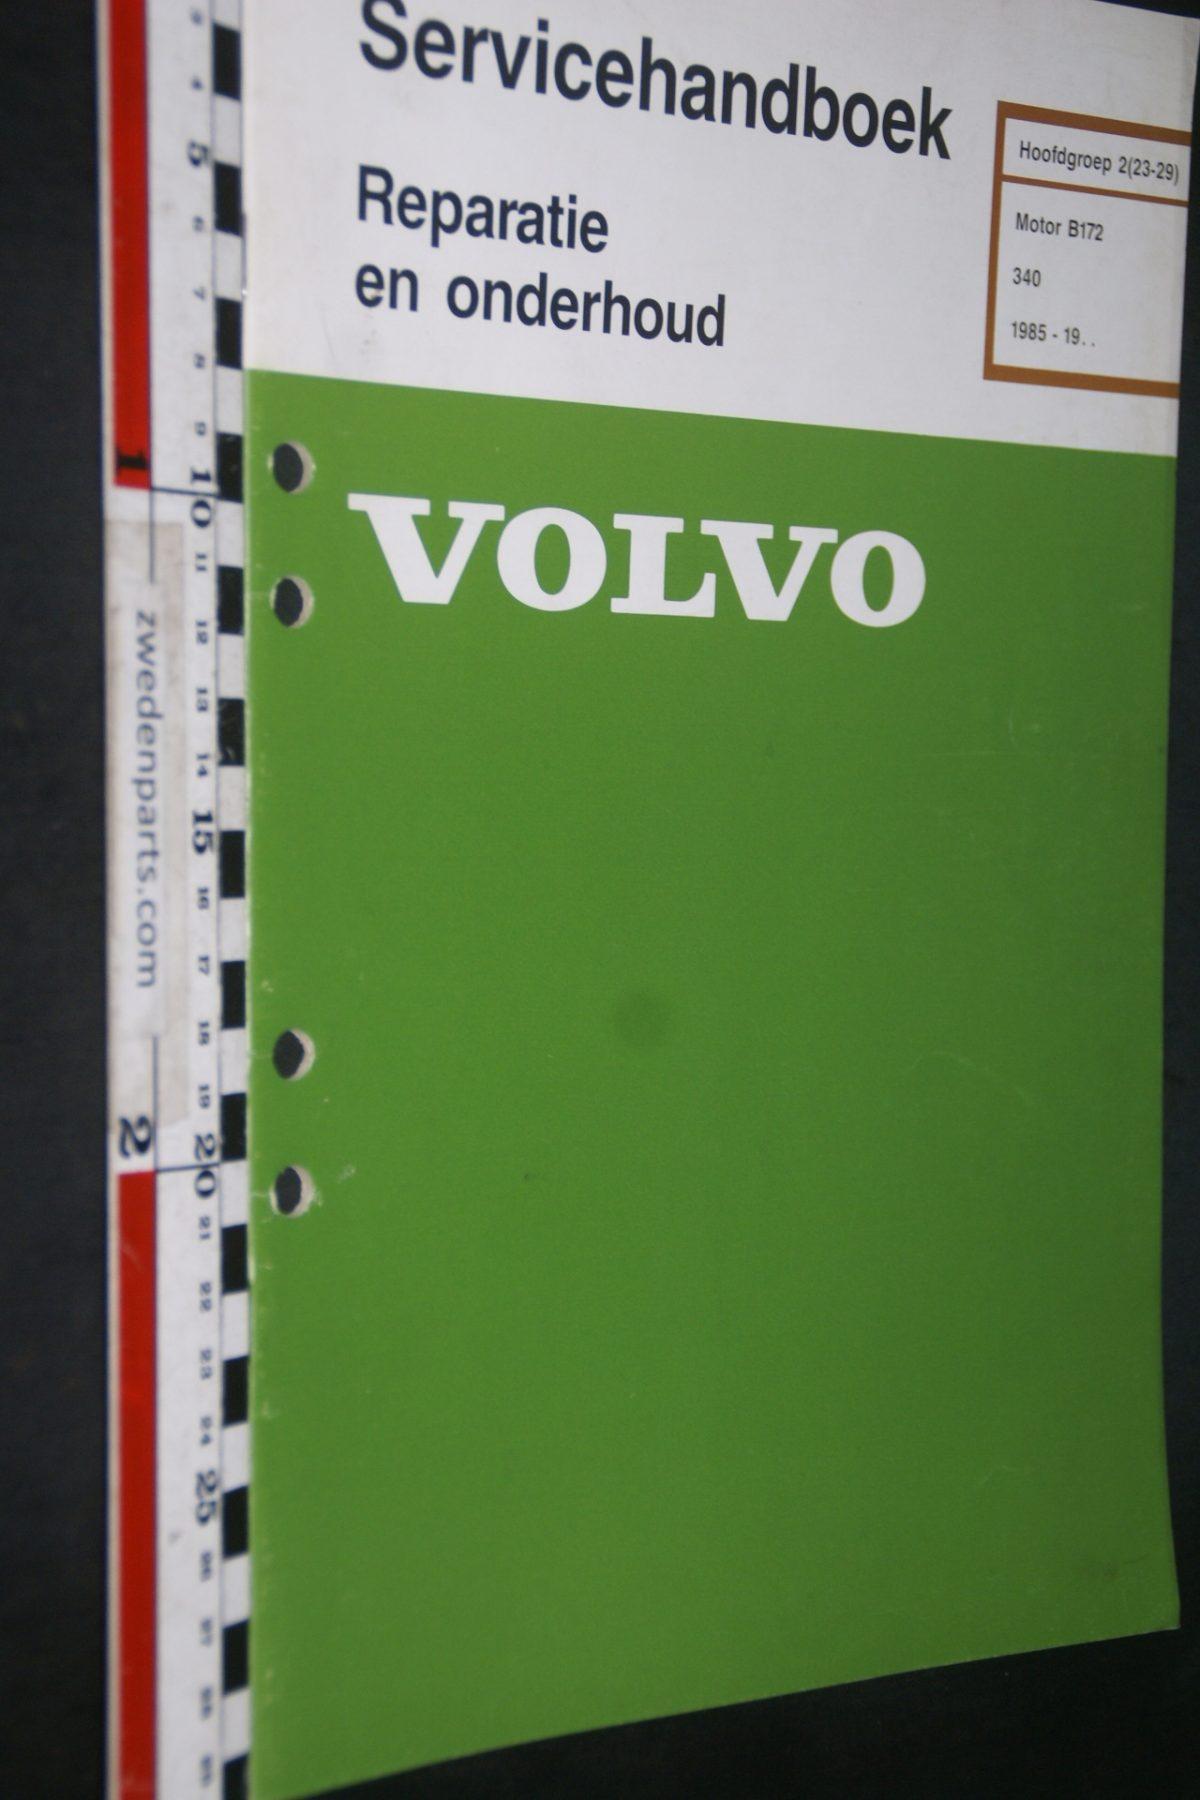 DSC06826 1985 origineel Volvo 340 servicehandboek 2 (23-29) motor B172 1 van 1000 TP 35266-1